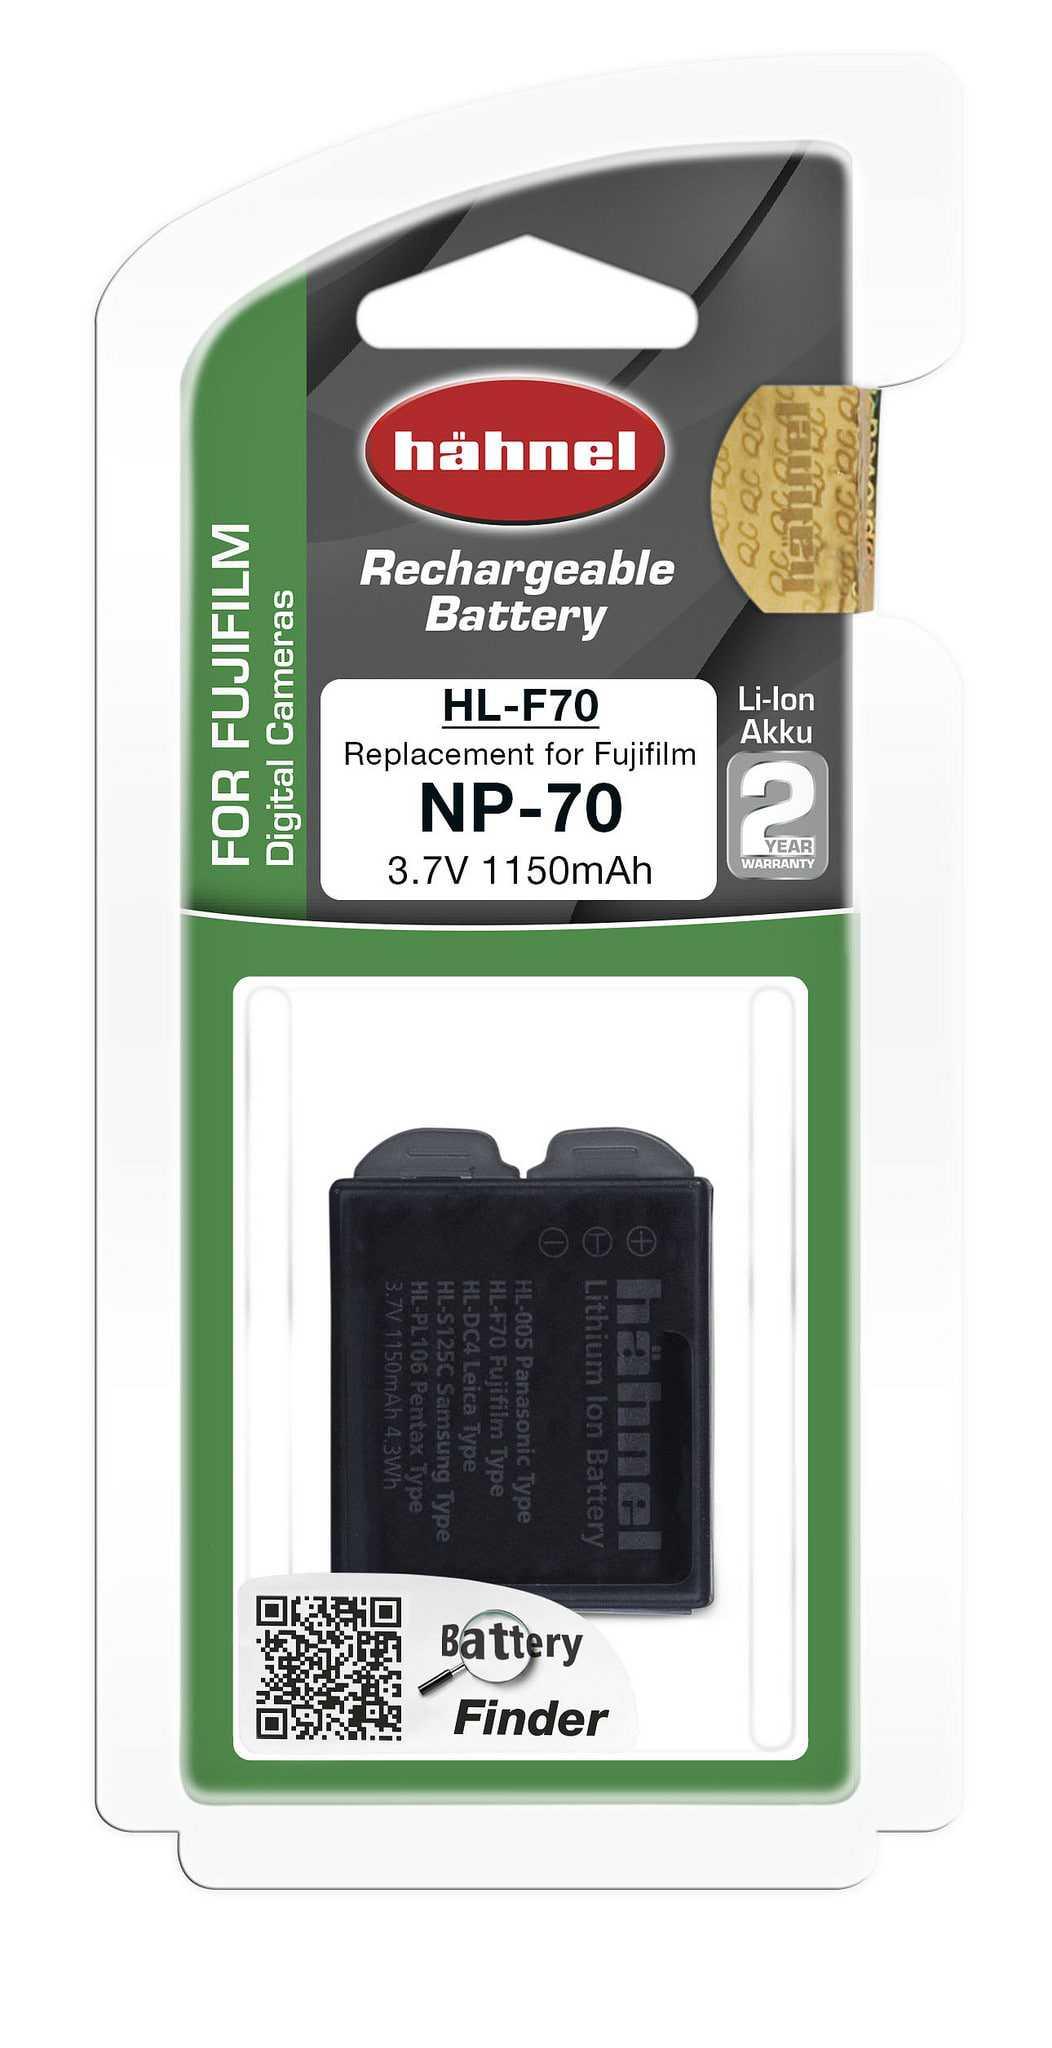 סוללה חליפית לפוג'י NP-70